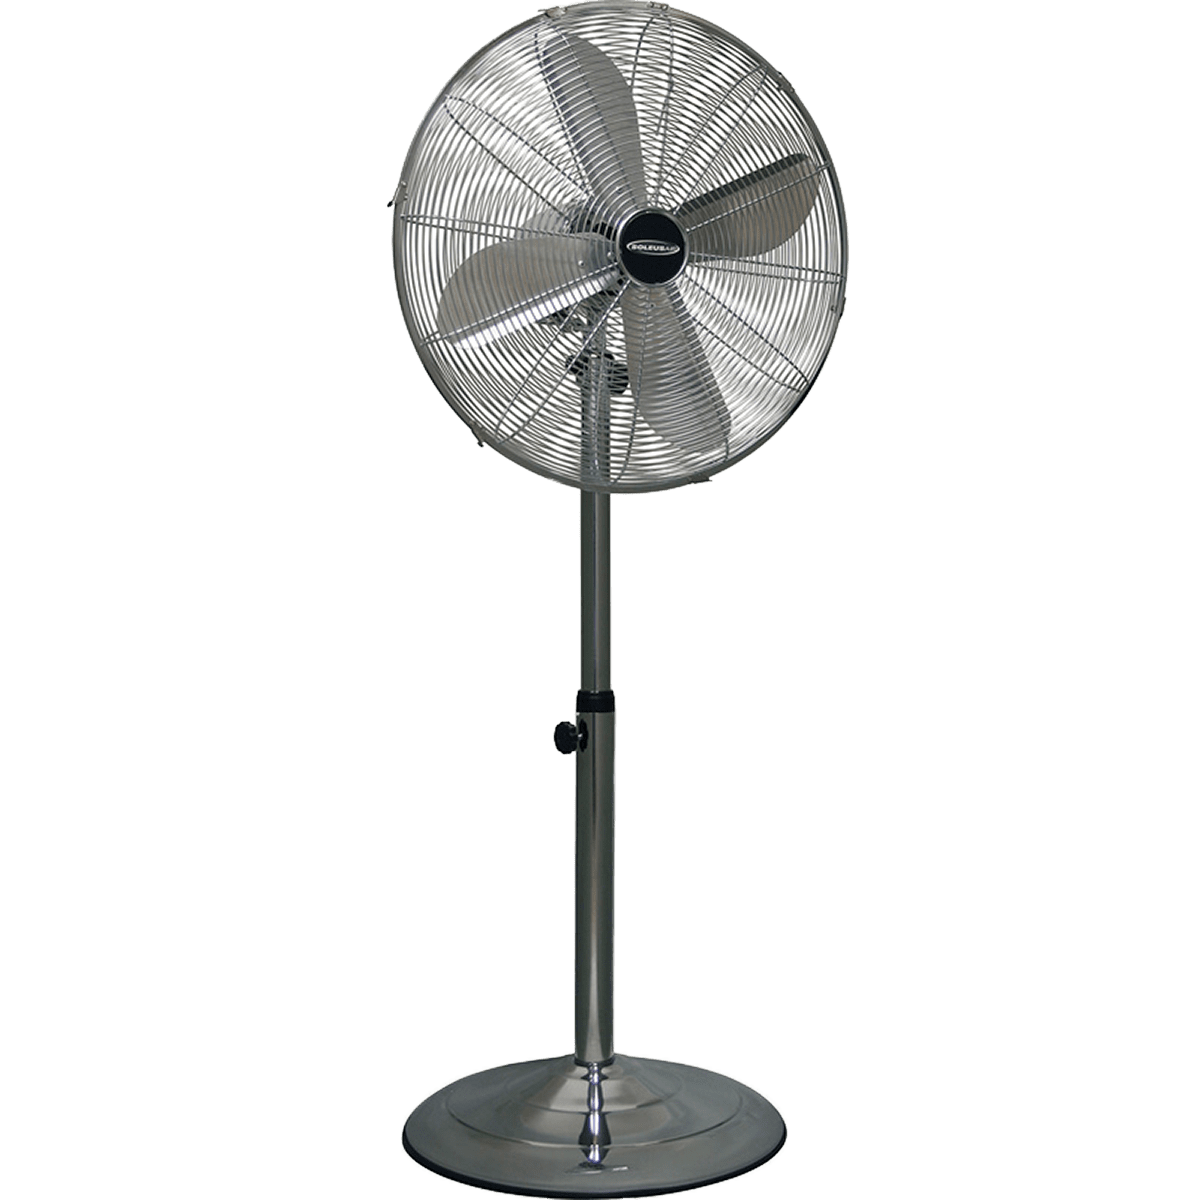 Soleus Fm 45 1 Metal Pedestal Fan Free Shipping Sylvane